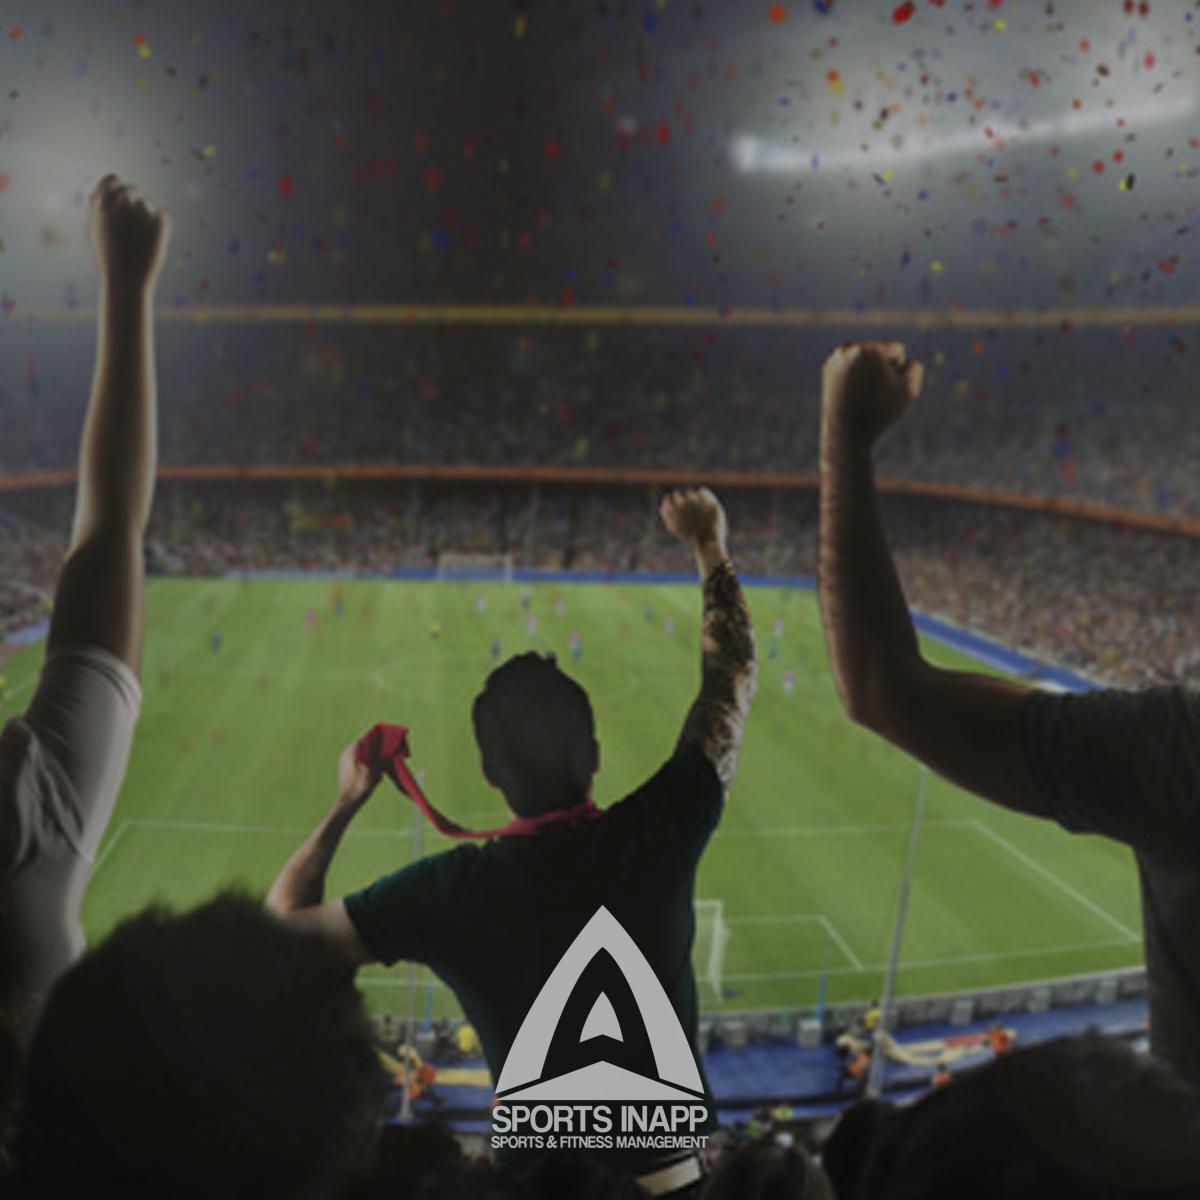 Sports In APP - Adeptos